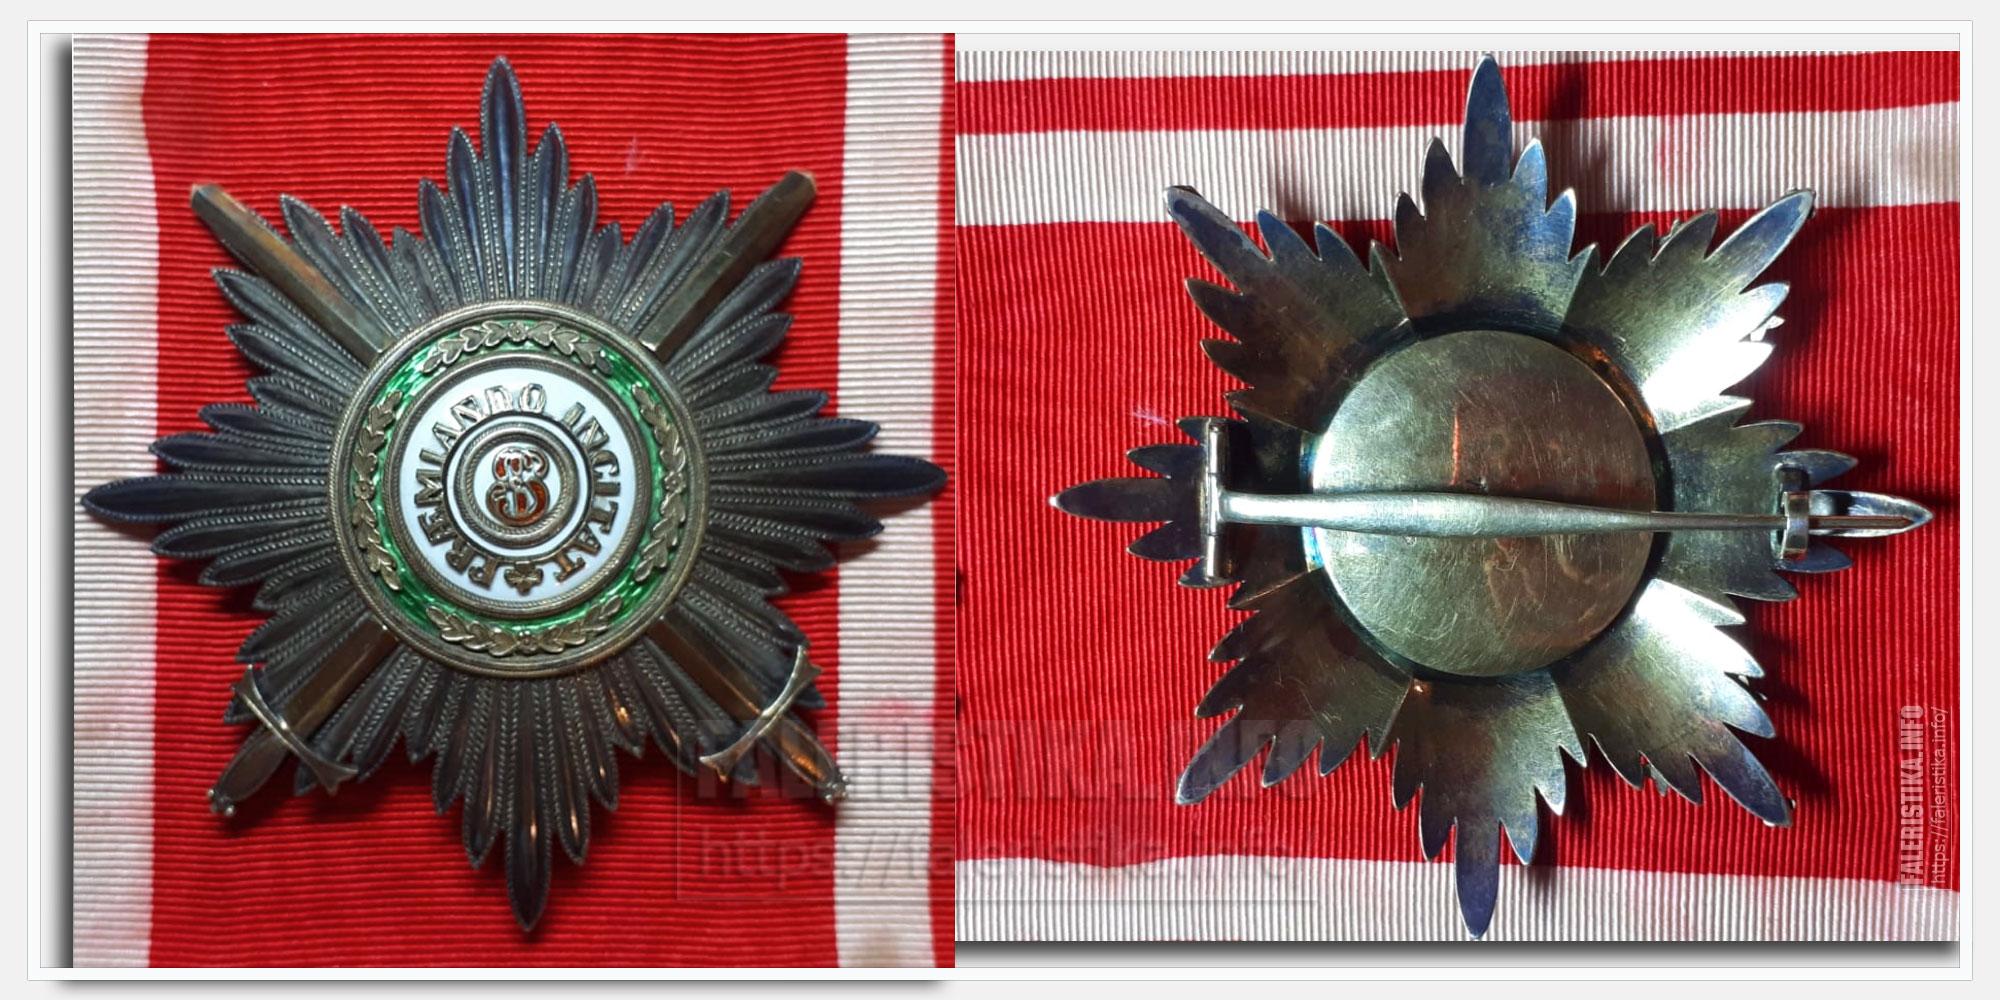 Звезда ордена Святого Станислава 1 ст. с мечами